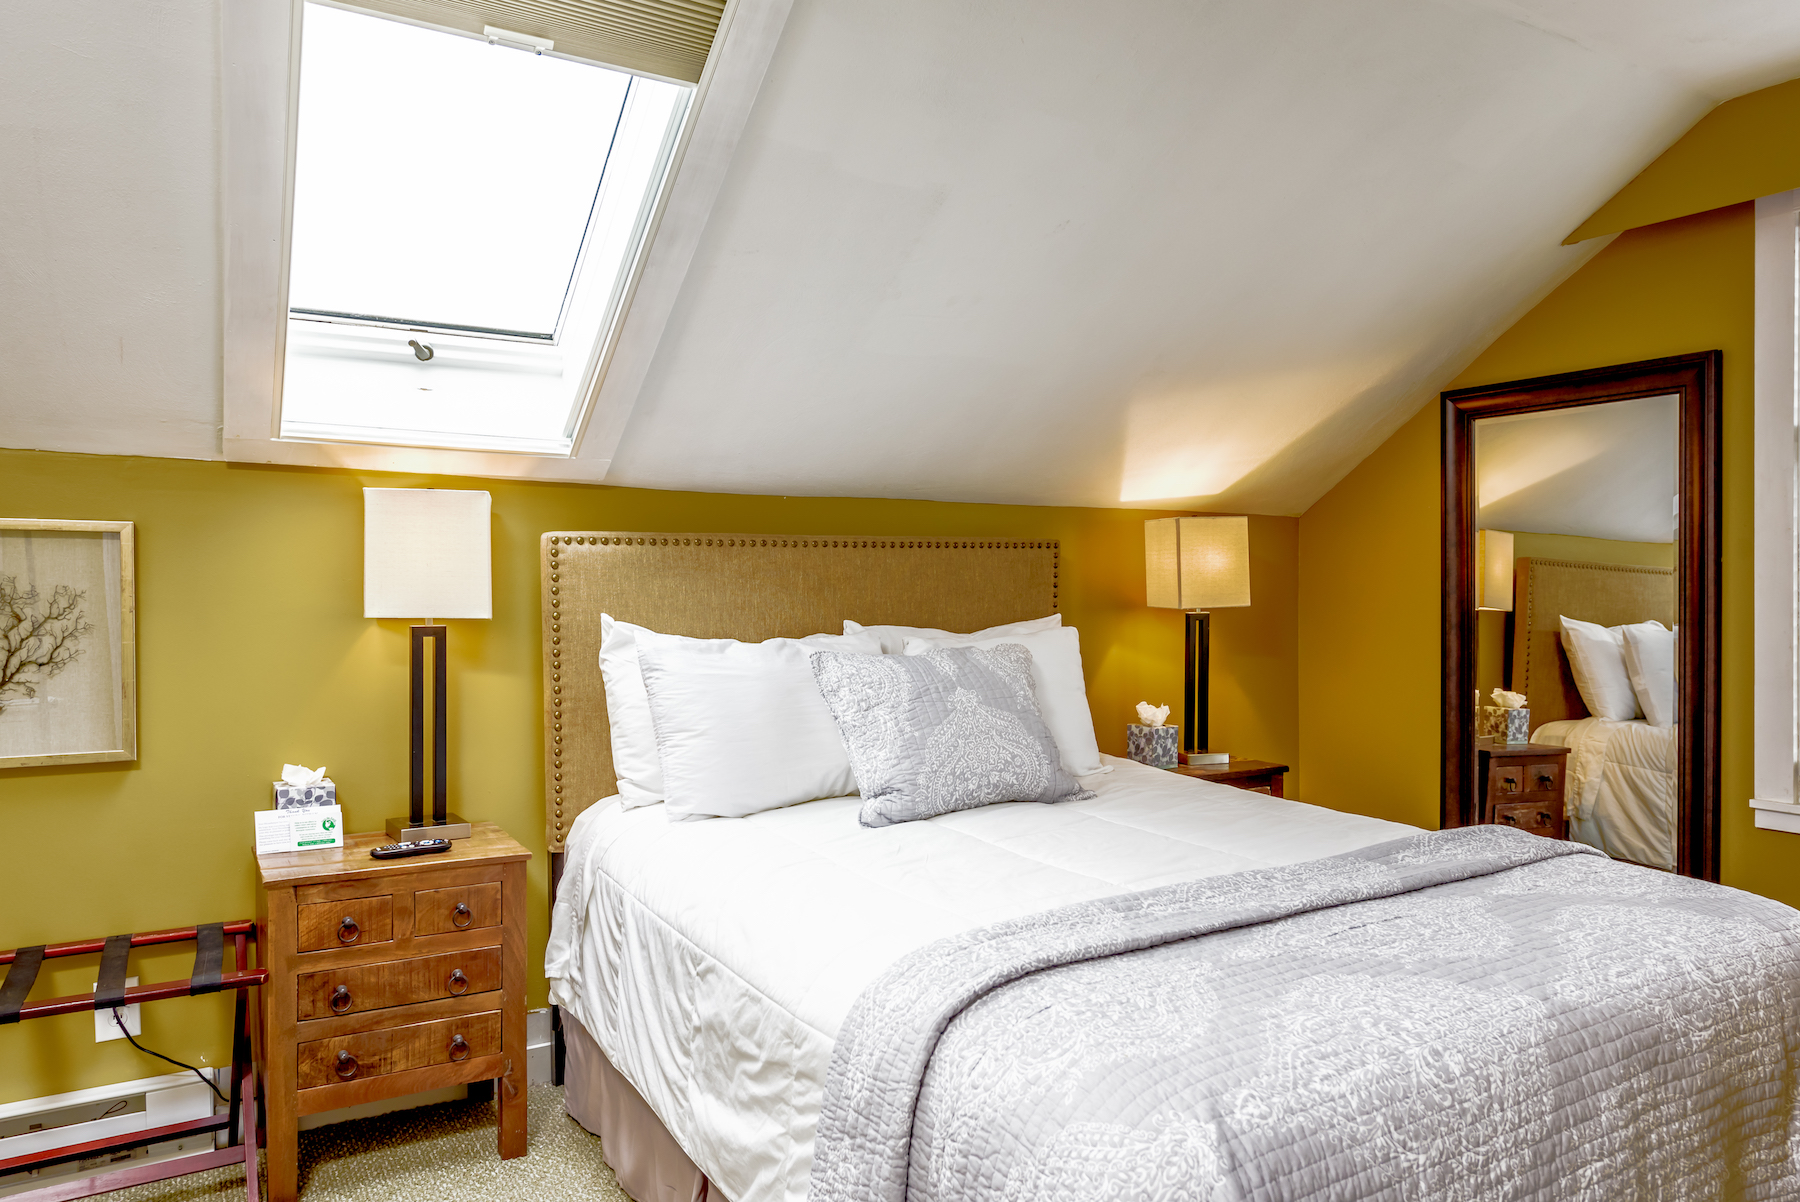 Inn-Room-16-and-Bathrooms-20180419-100-1